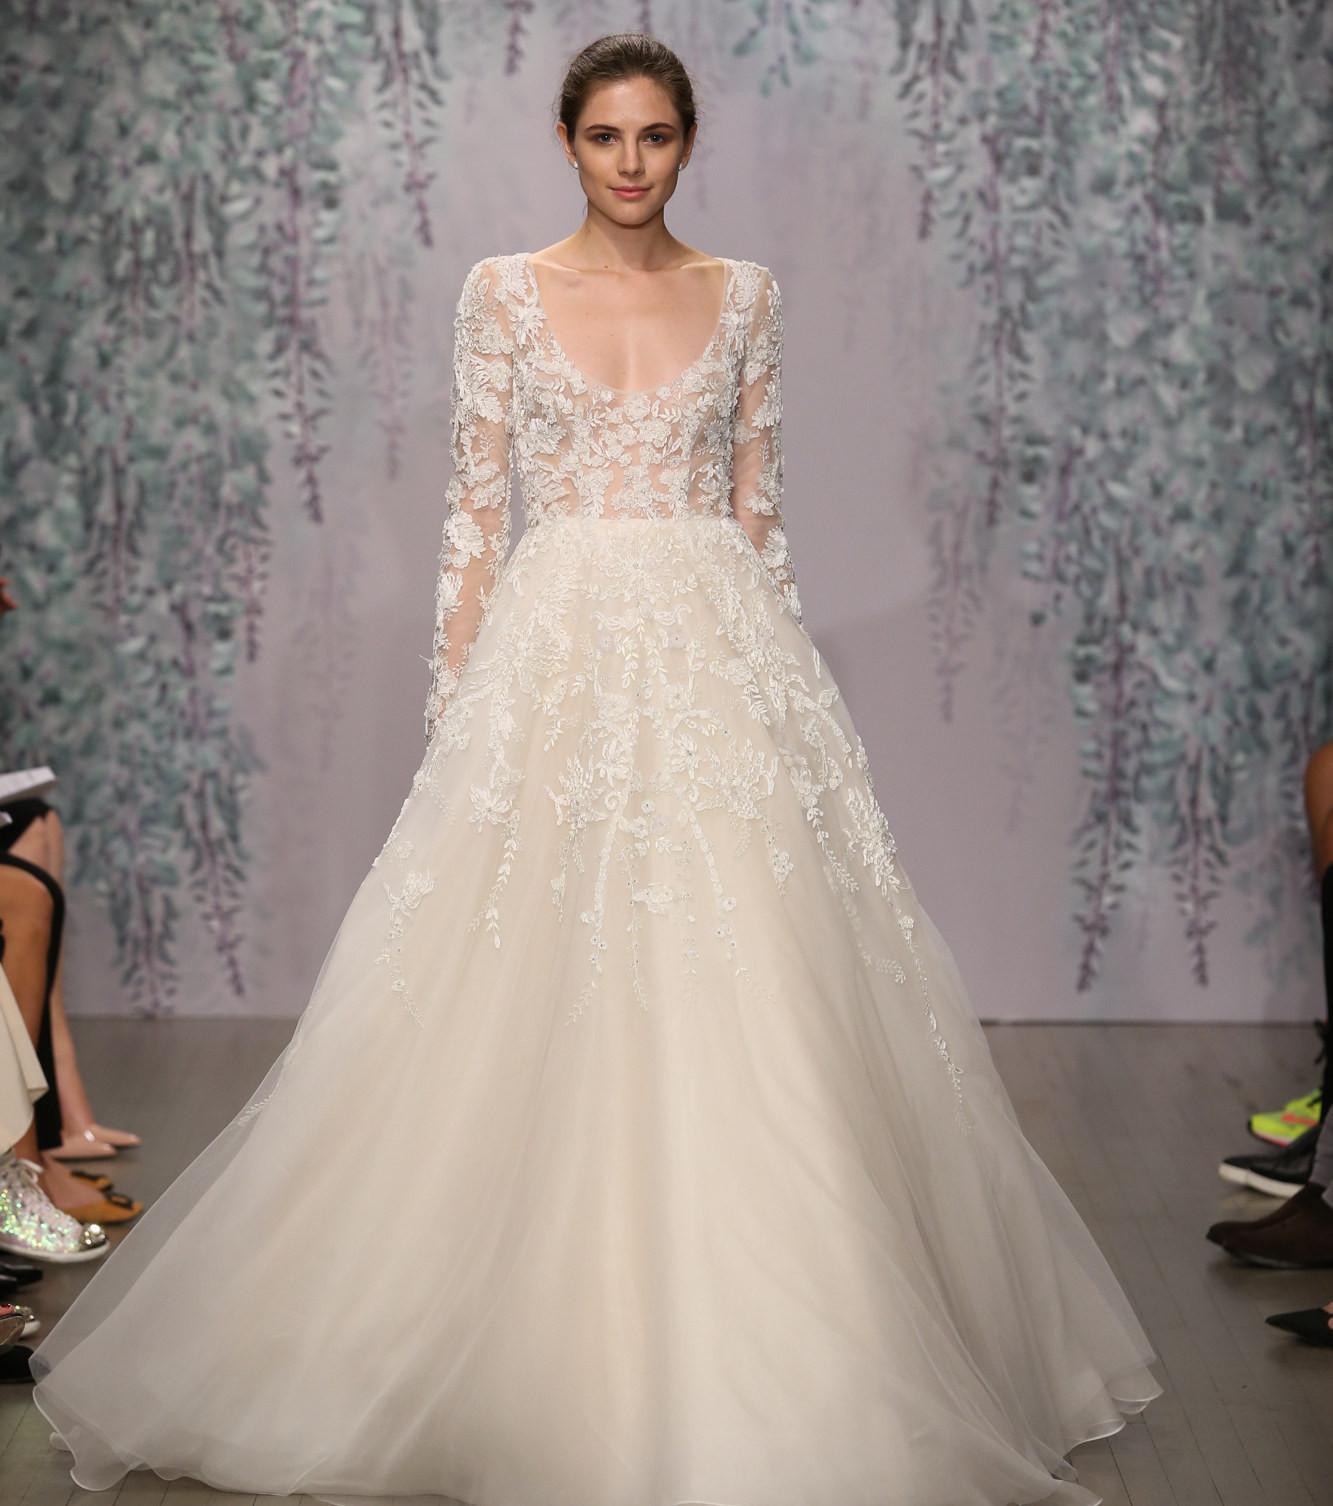 Gemütlich Brautjunferkleider Monique Lhuillier Galerie ...